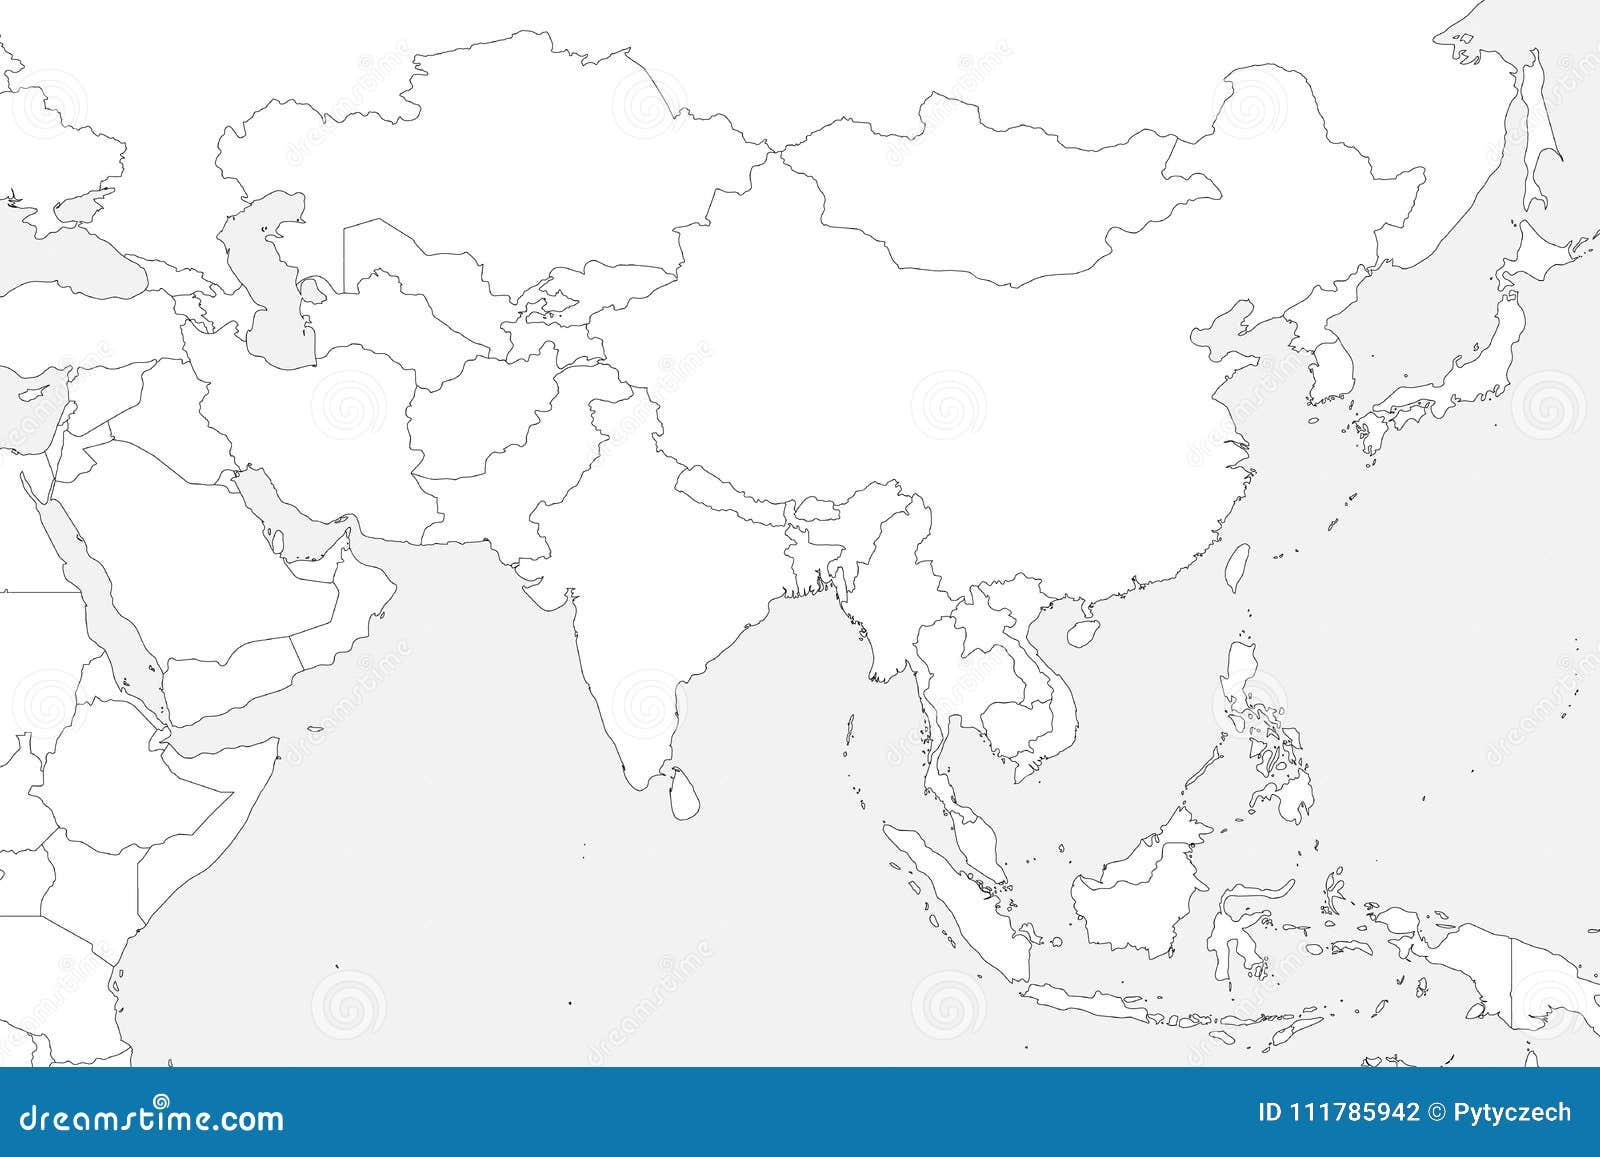 Mapa Politico En Blanco.Mapa Politico En Blanco De Asia Occidental Meridional Y Del